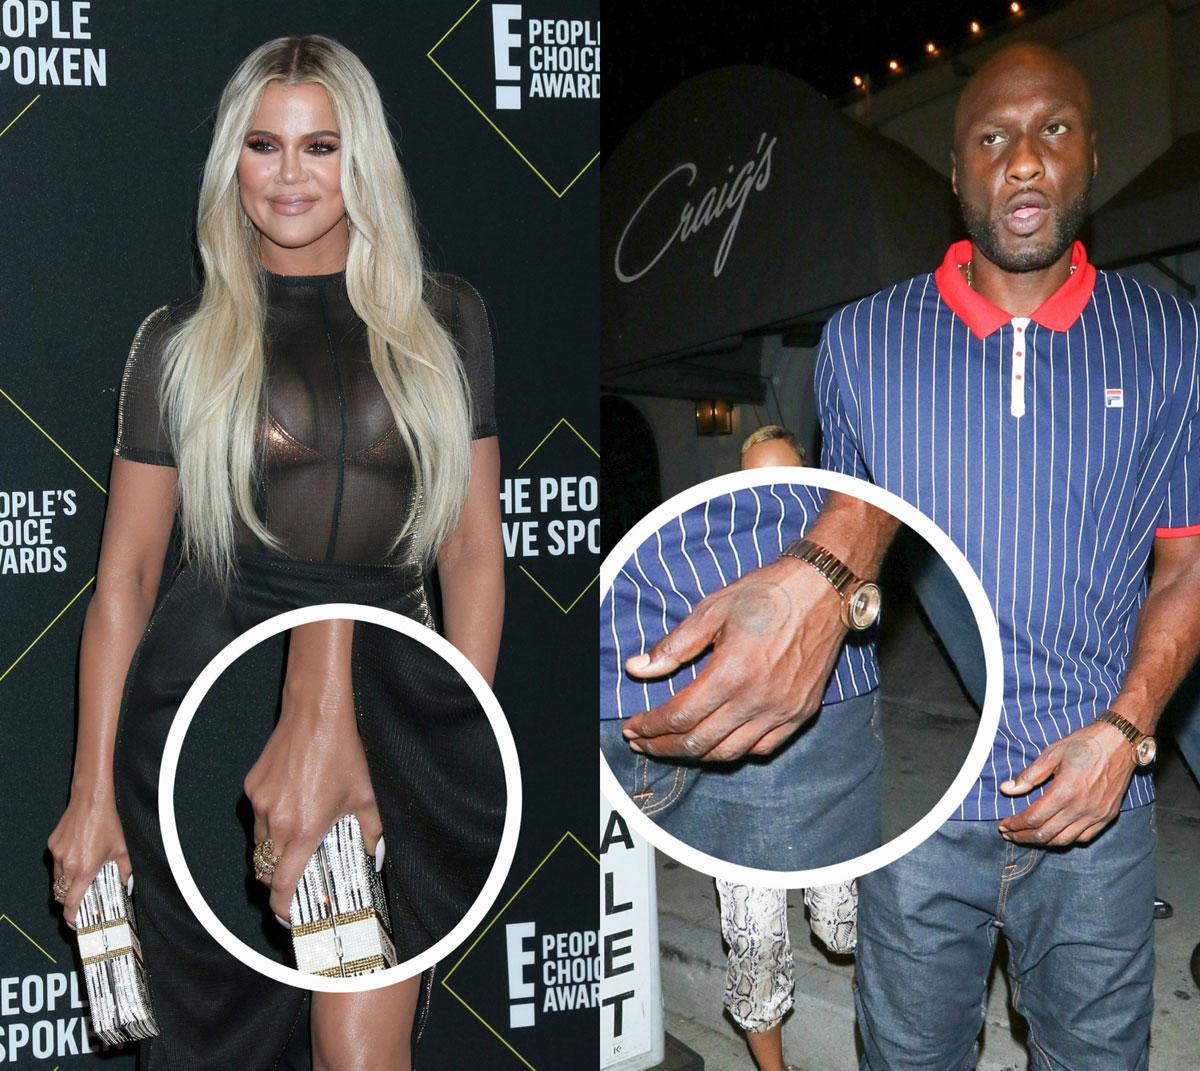 Khloe Kardashian and Lamar Odom's tattoos after their split